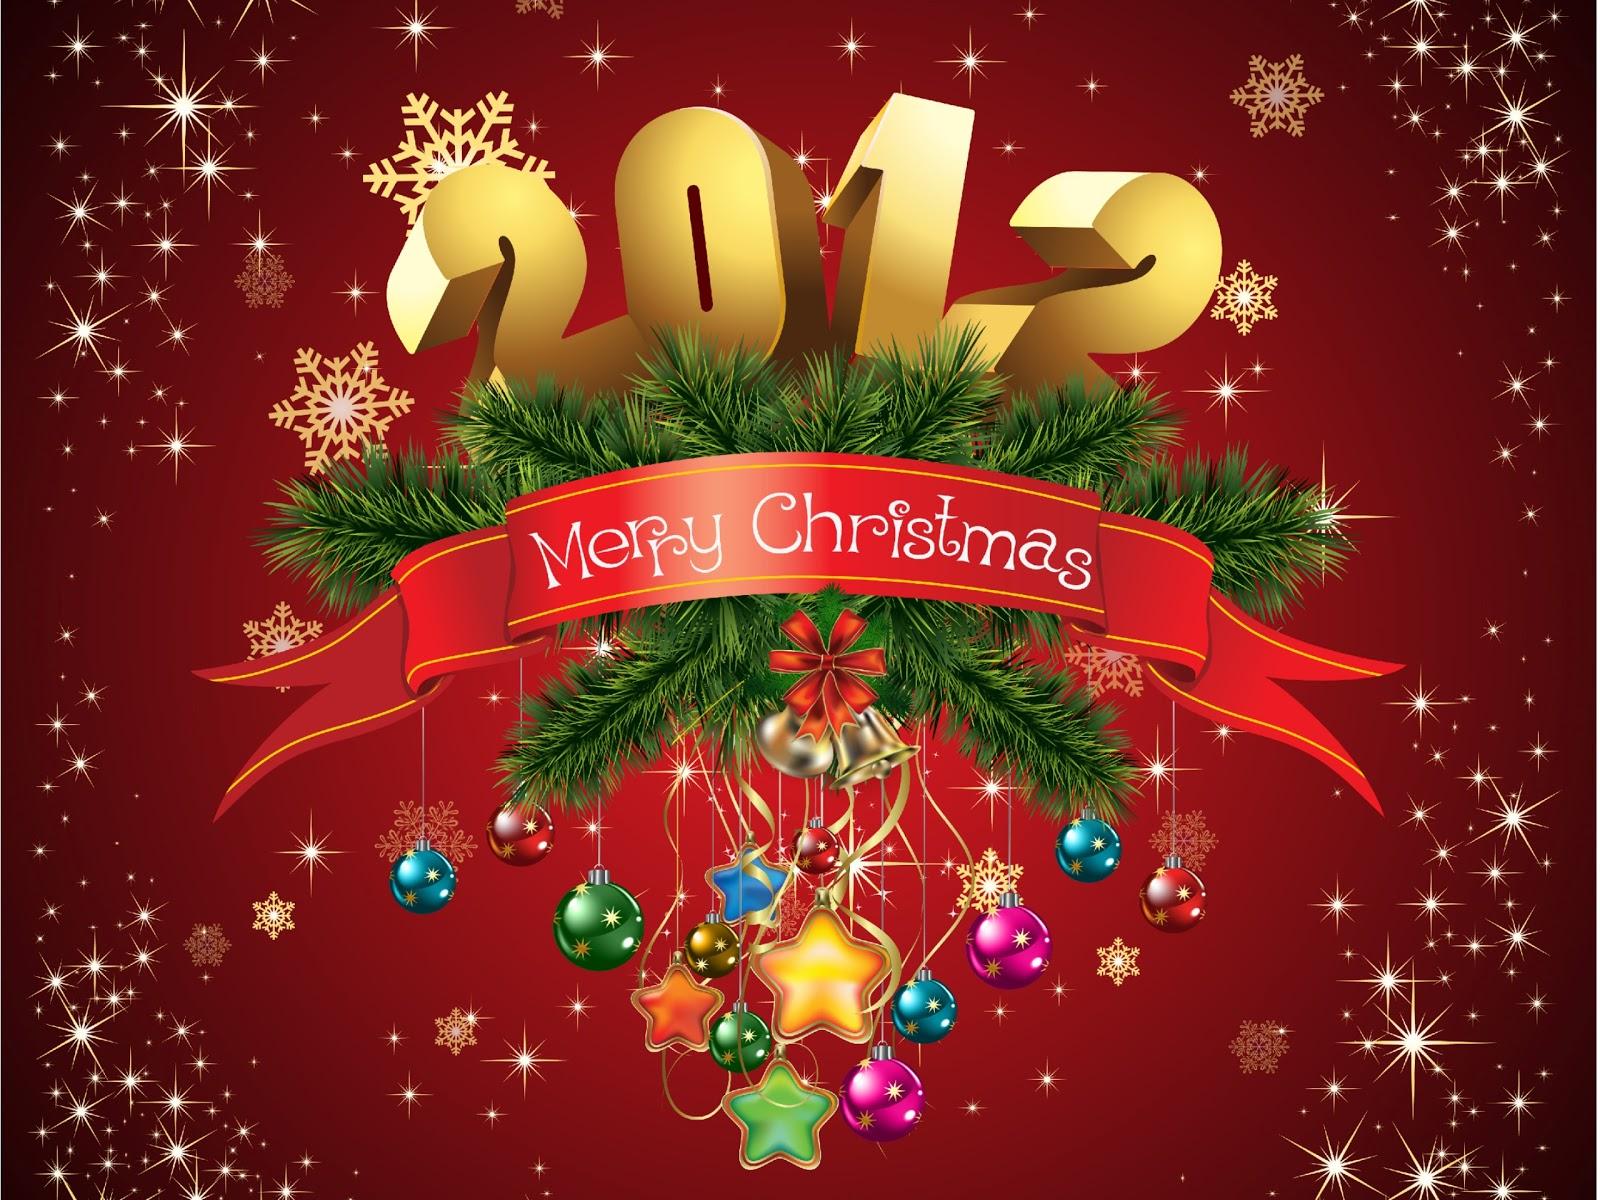 http://3.bp.blogspot.com/-n0vVy3dmkm8/UNTGwQCpGMI/AAAAAAAARBk/7G8lTf-xJgA/s1600/2012-merry-christmas-high-wallpapers.jpg